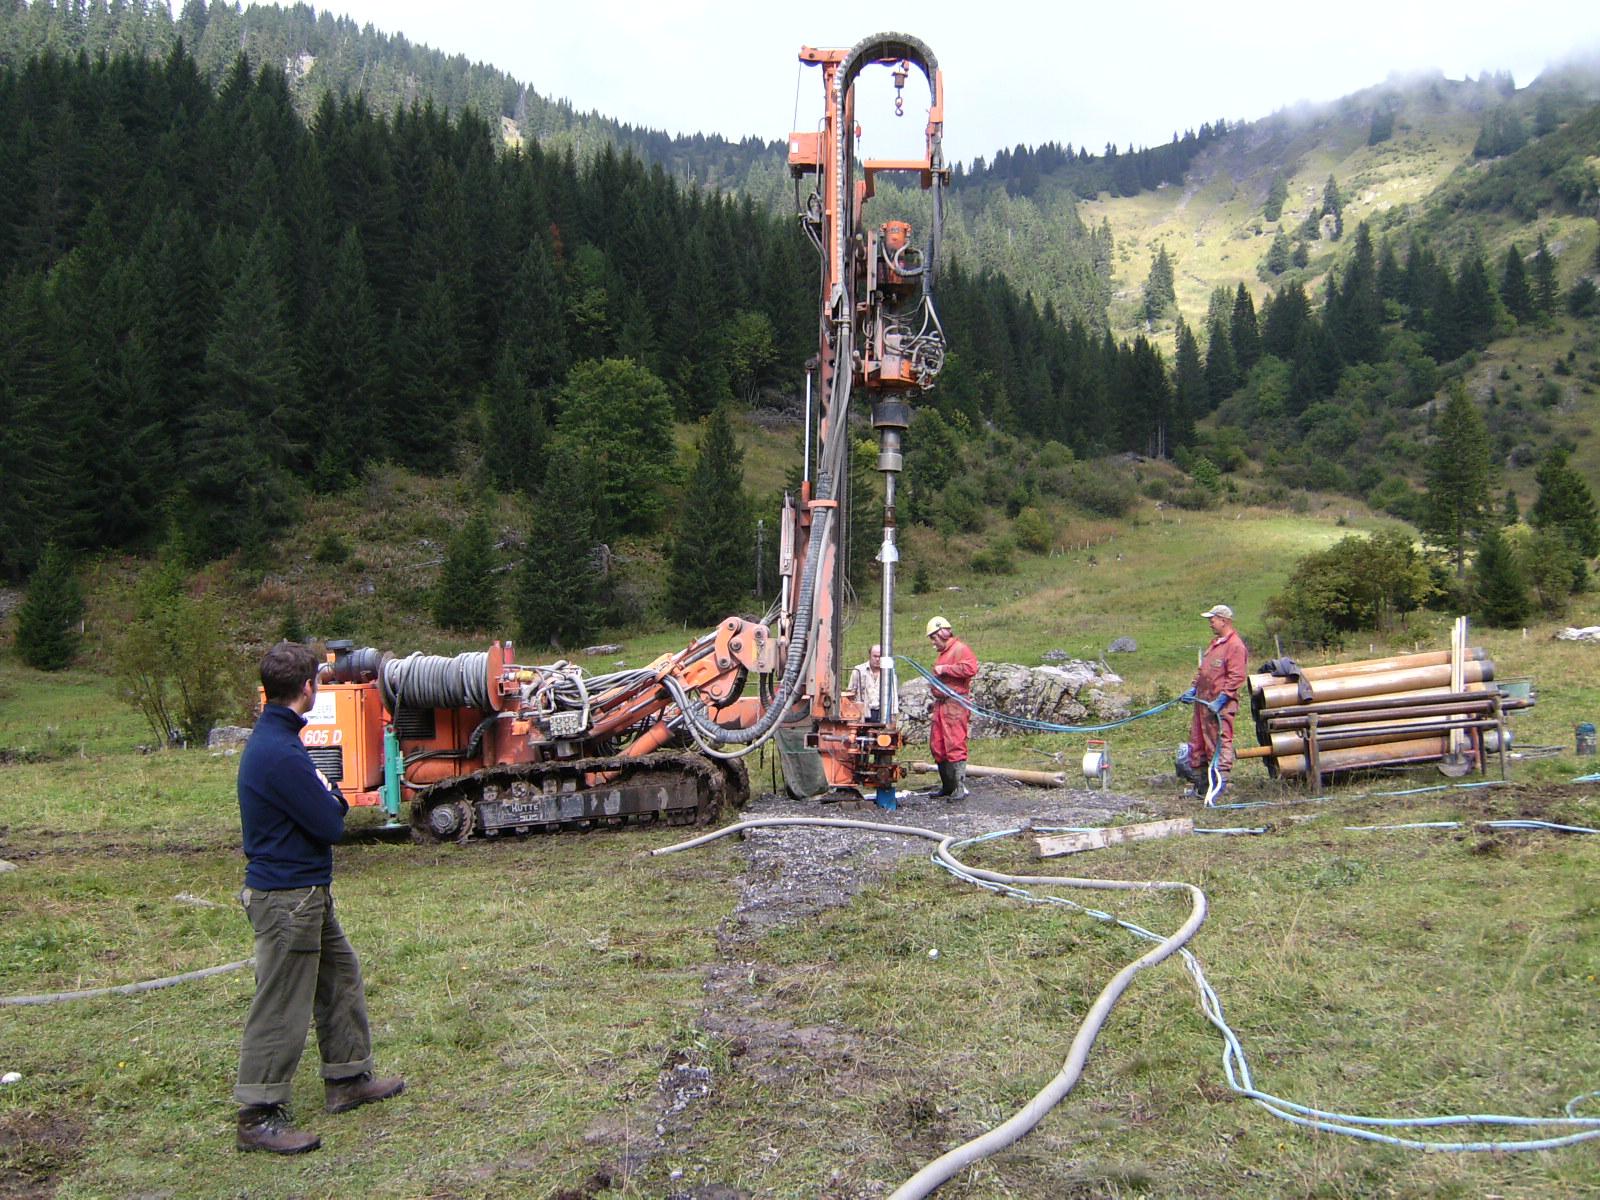 Prospection d'eau souterraine par forage vertical en zone de montagne.